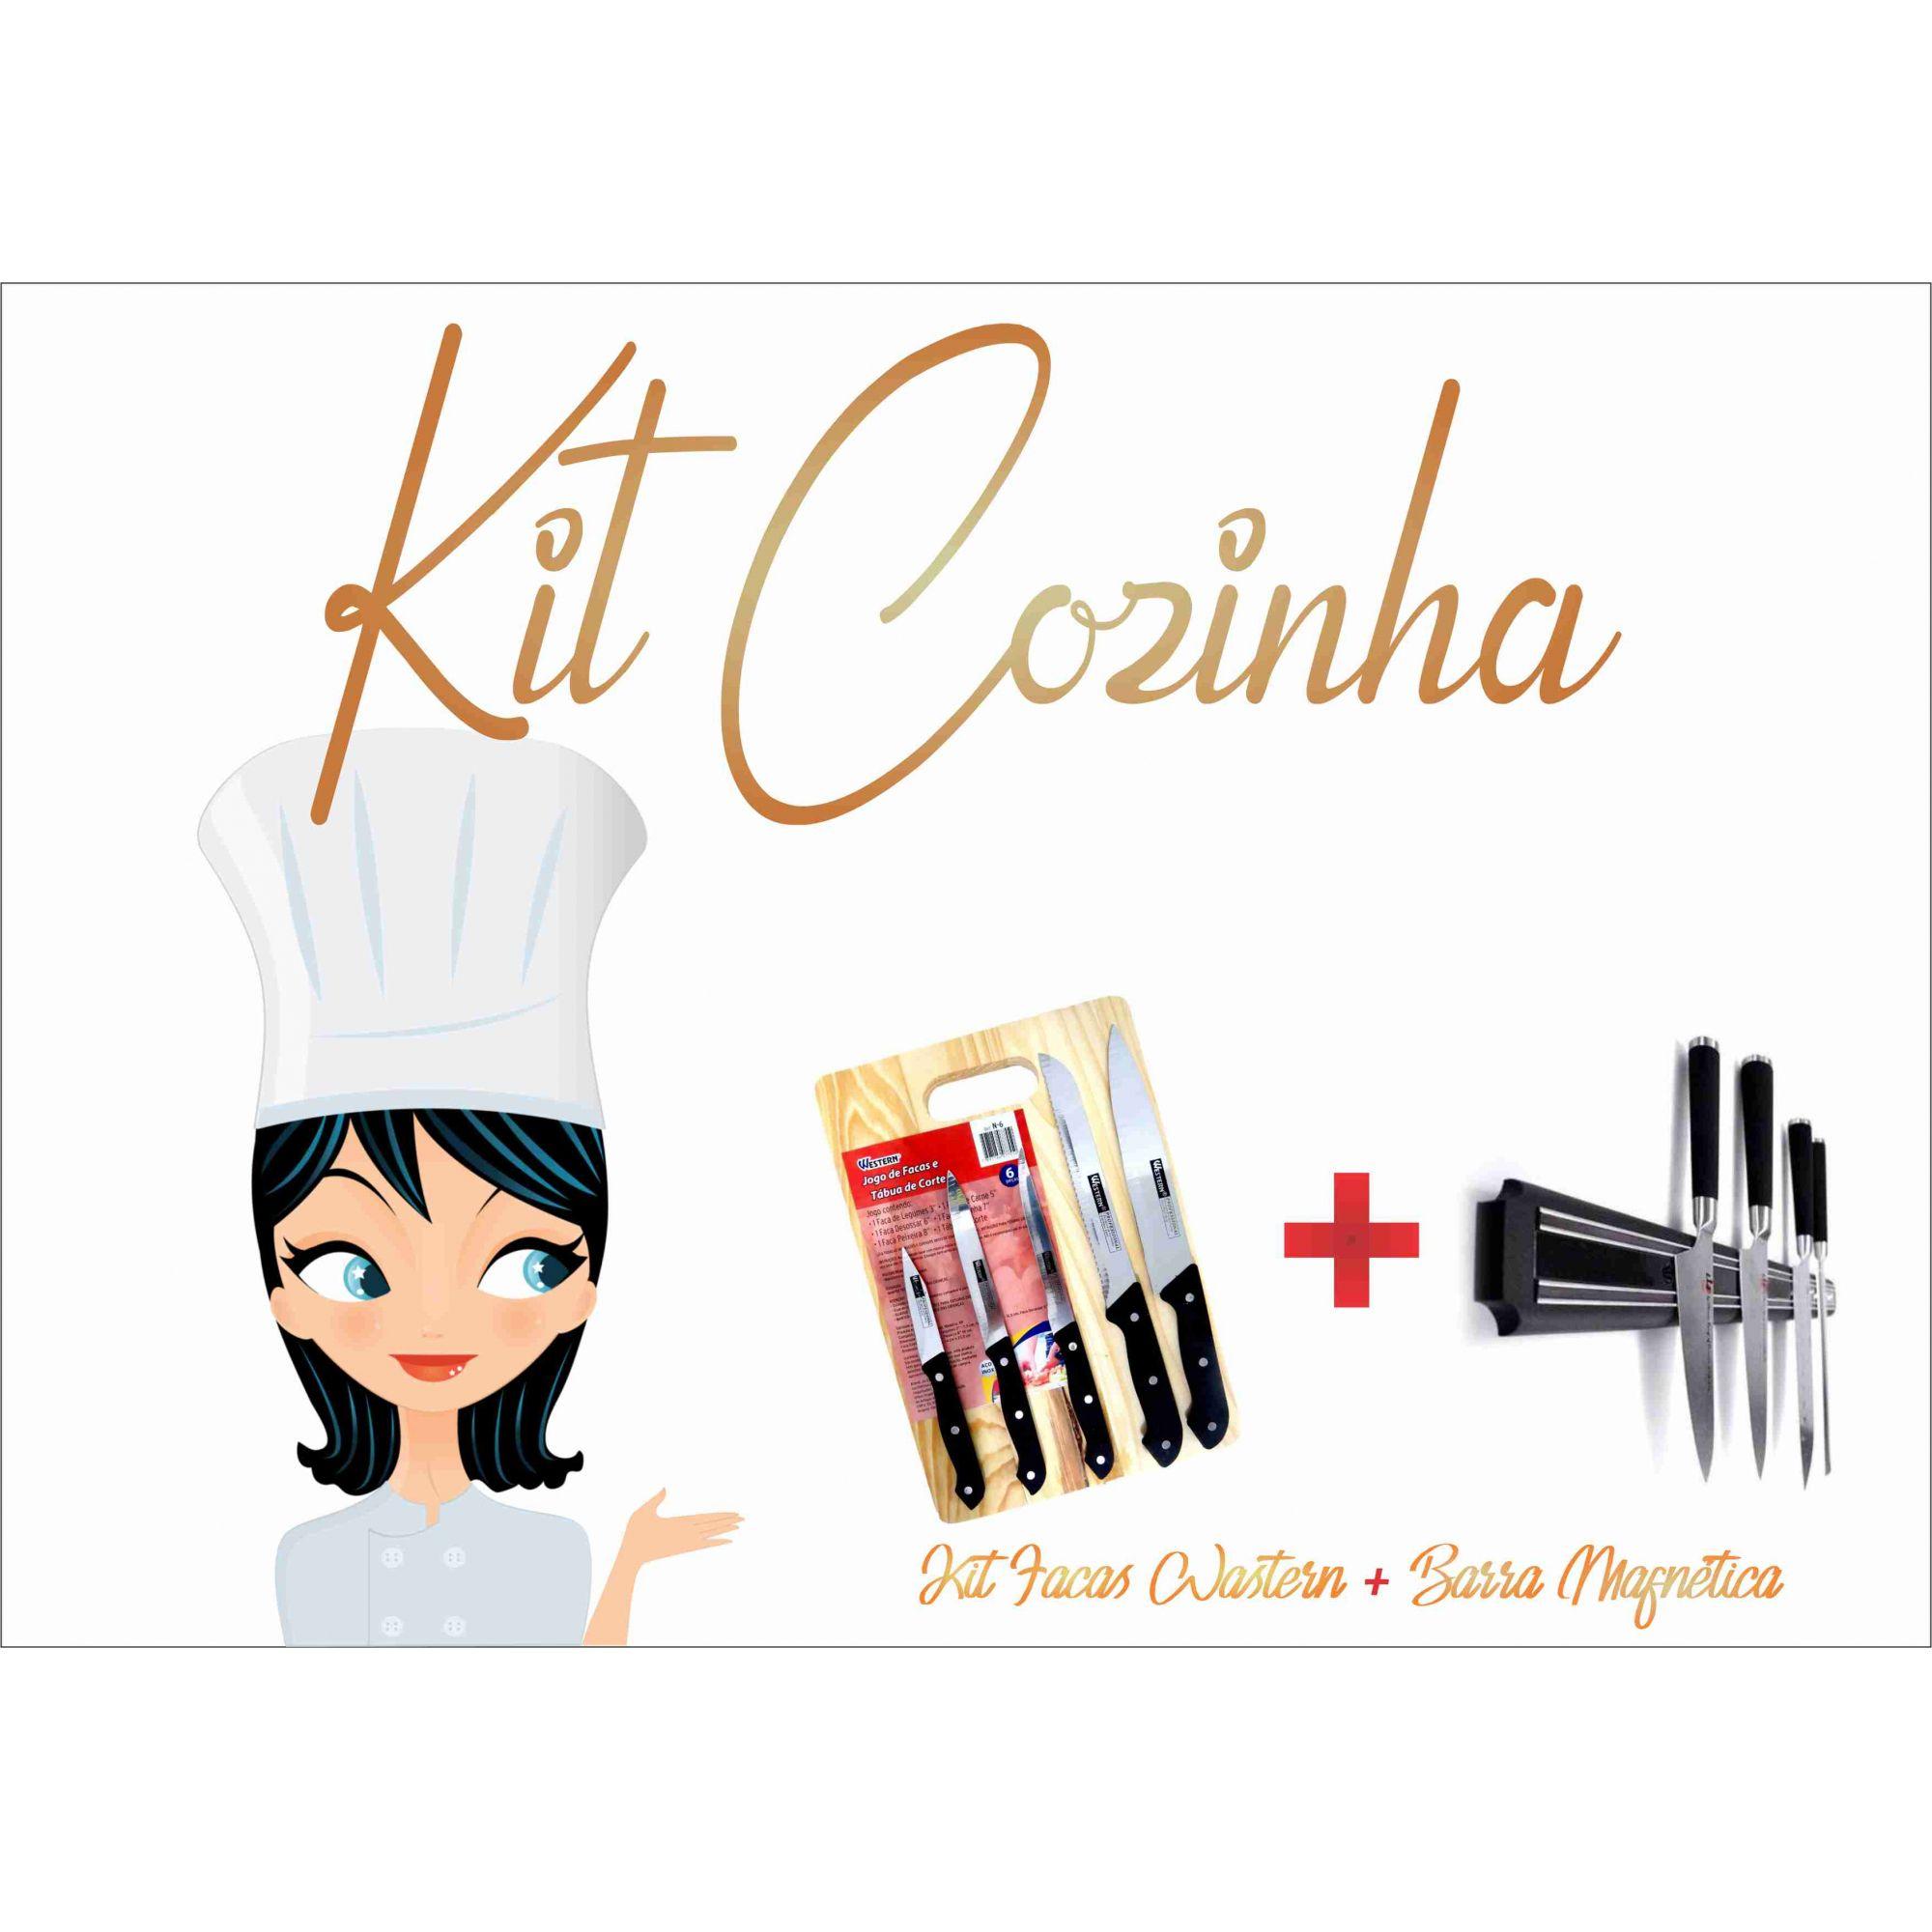 Kit 5 Facas C/Tabua para Cortes + Barra Magnética